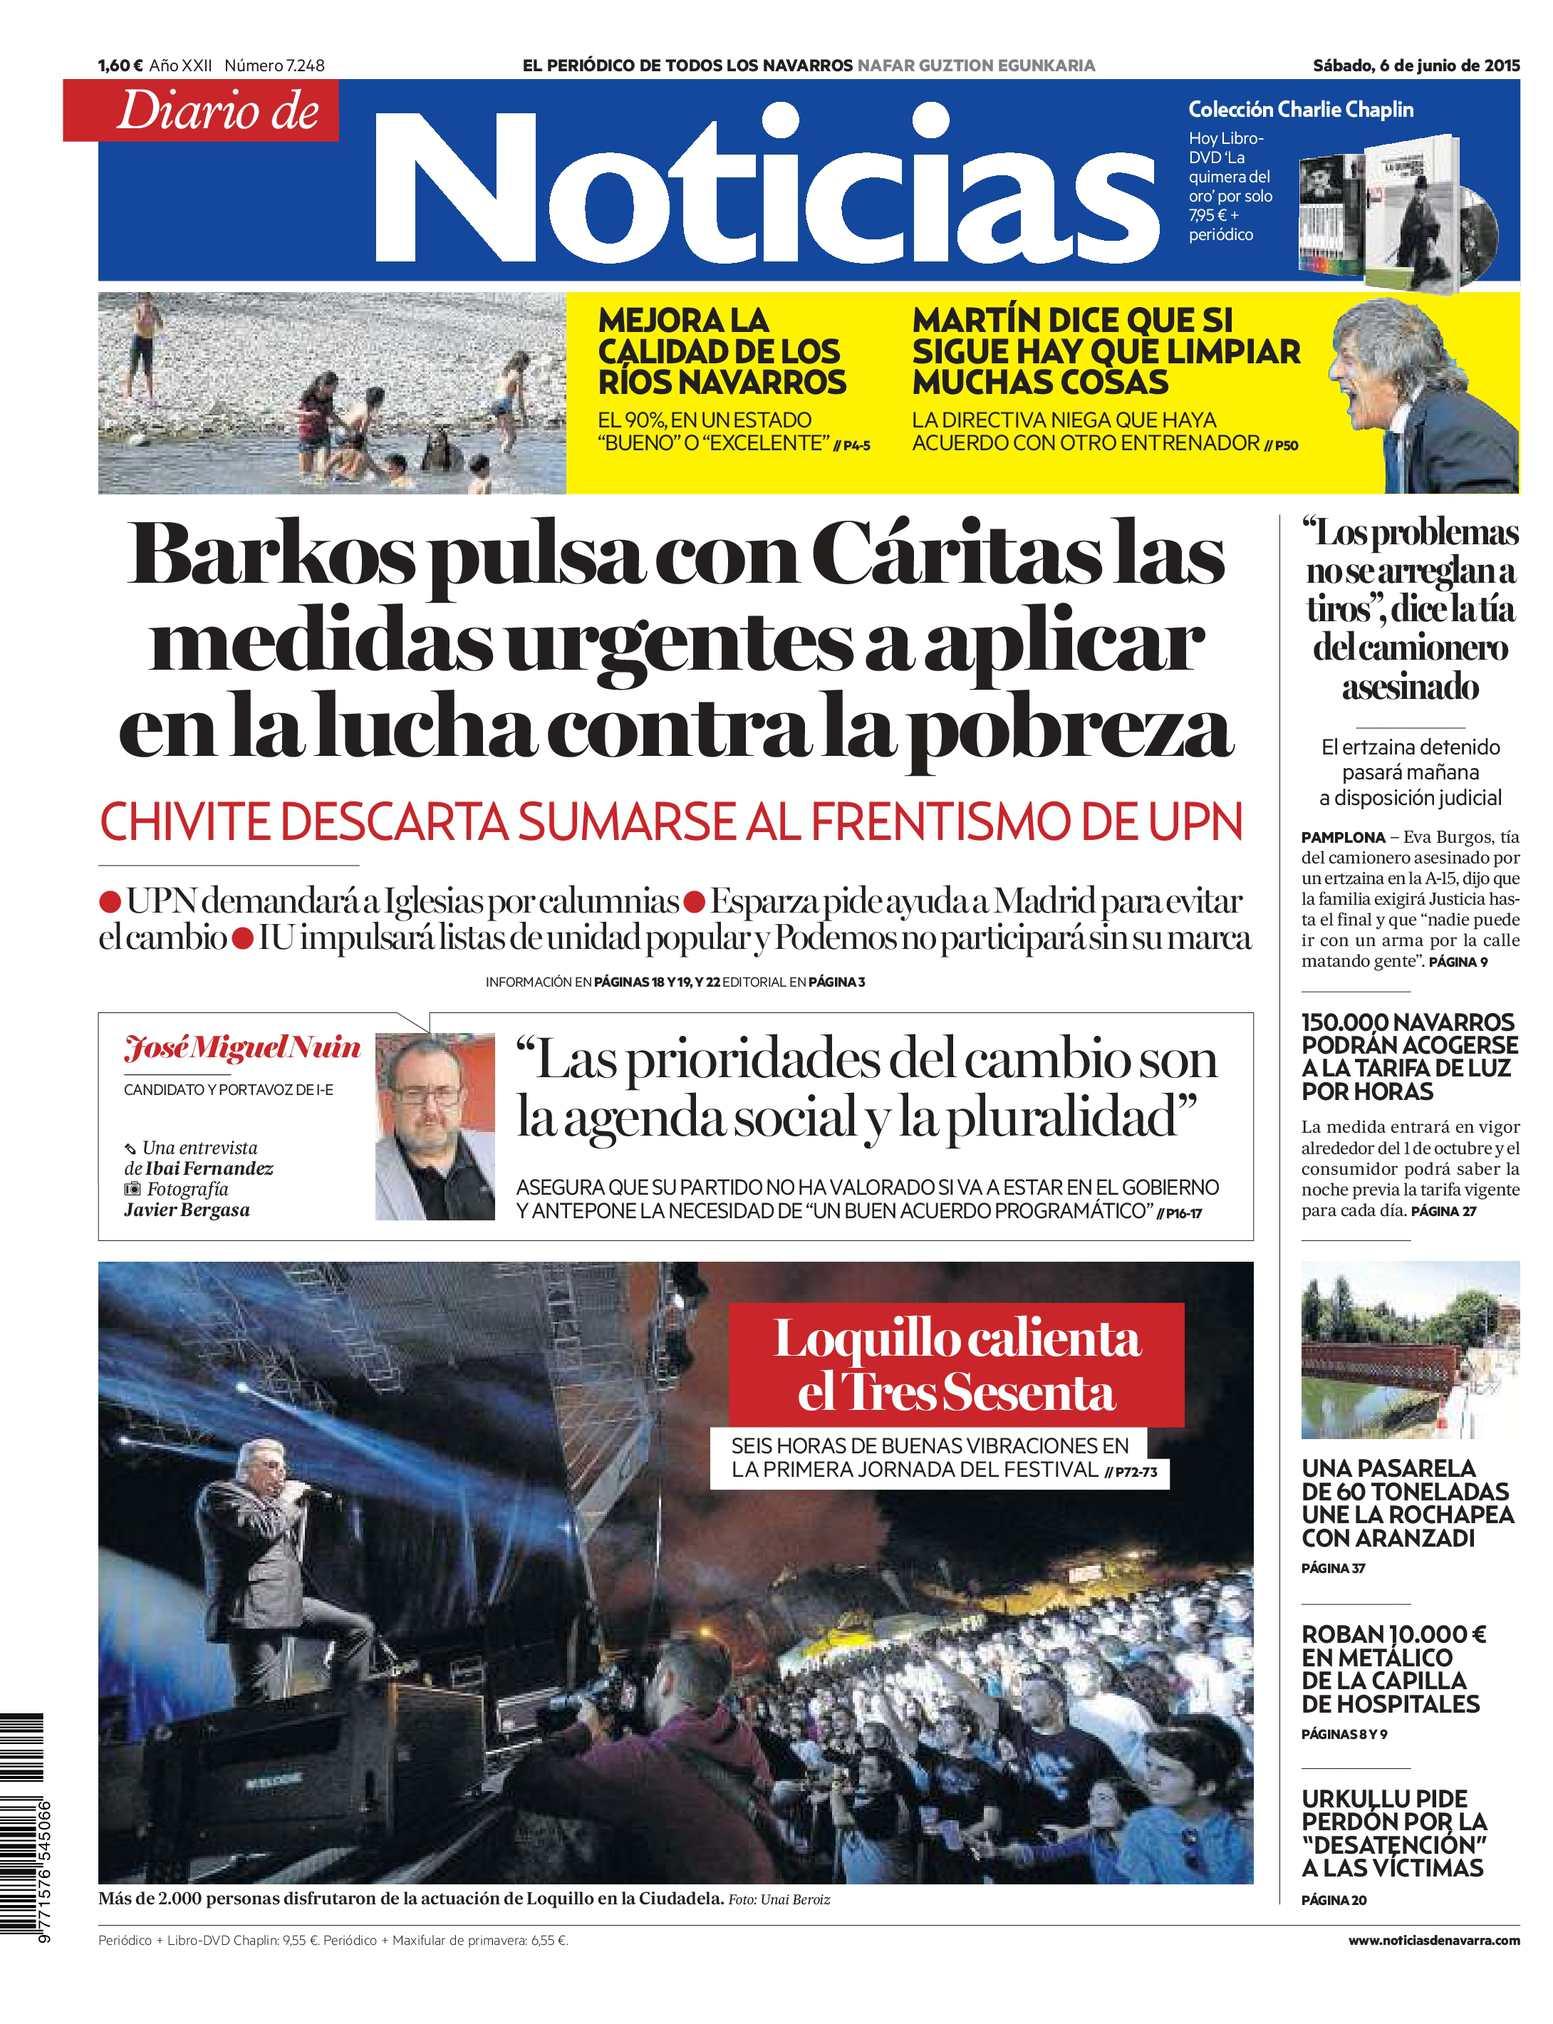 12b796605d Calaméo - Diario de Noticias 20150606